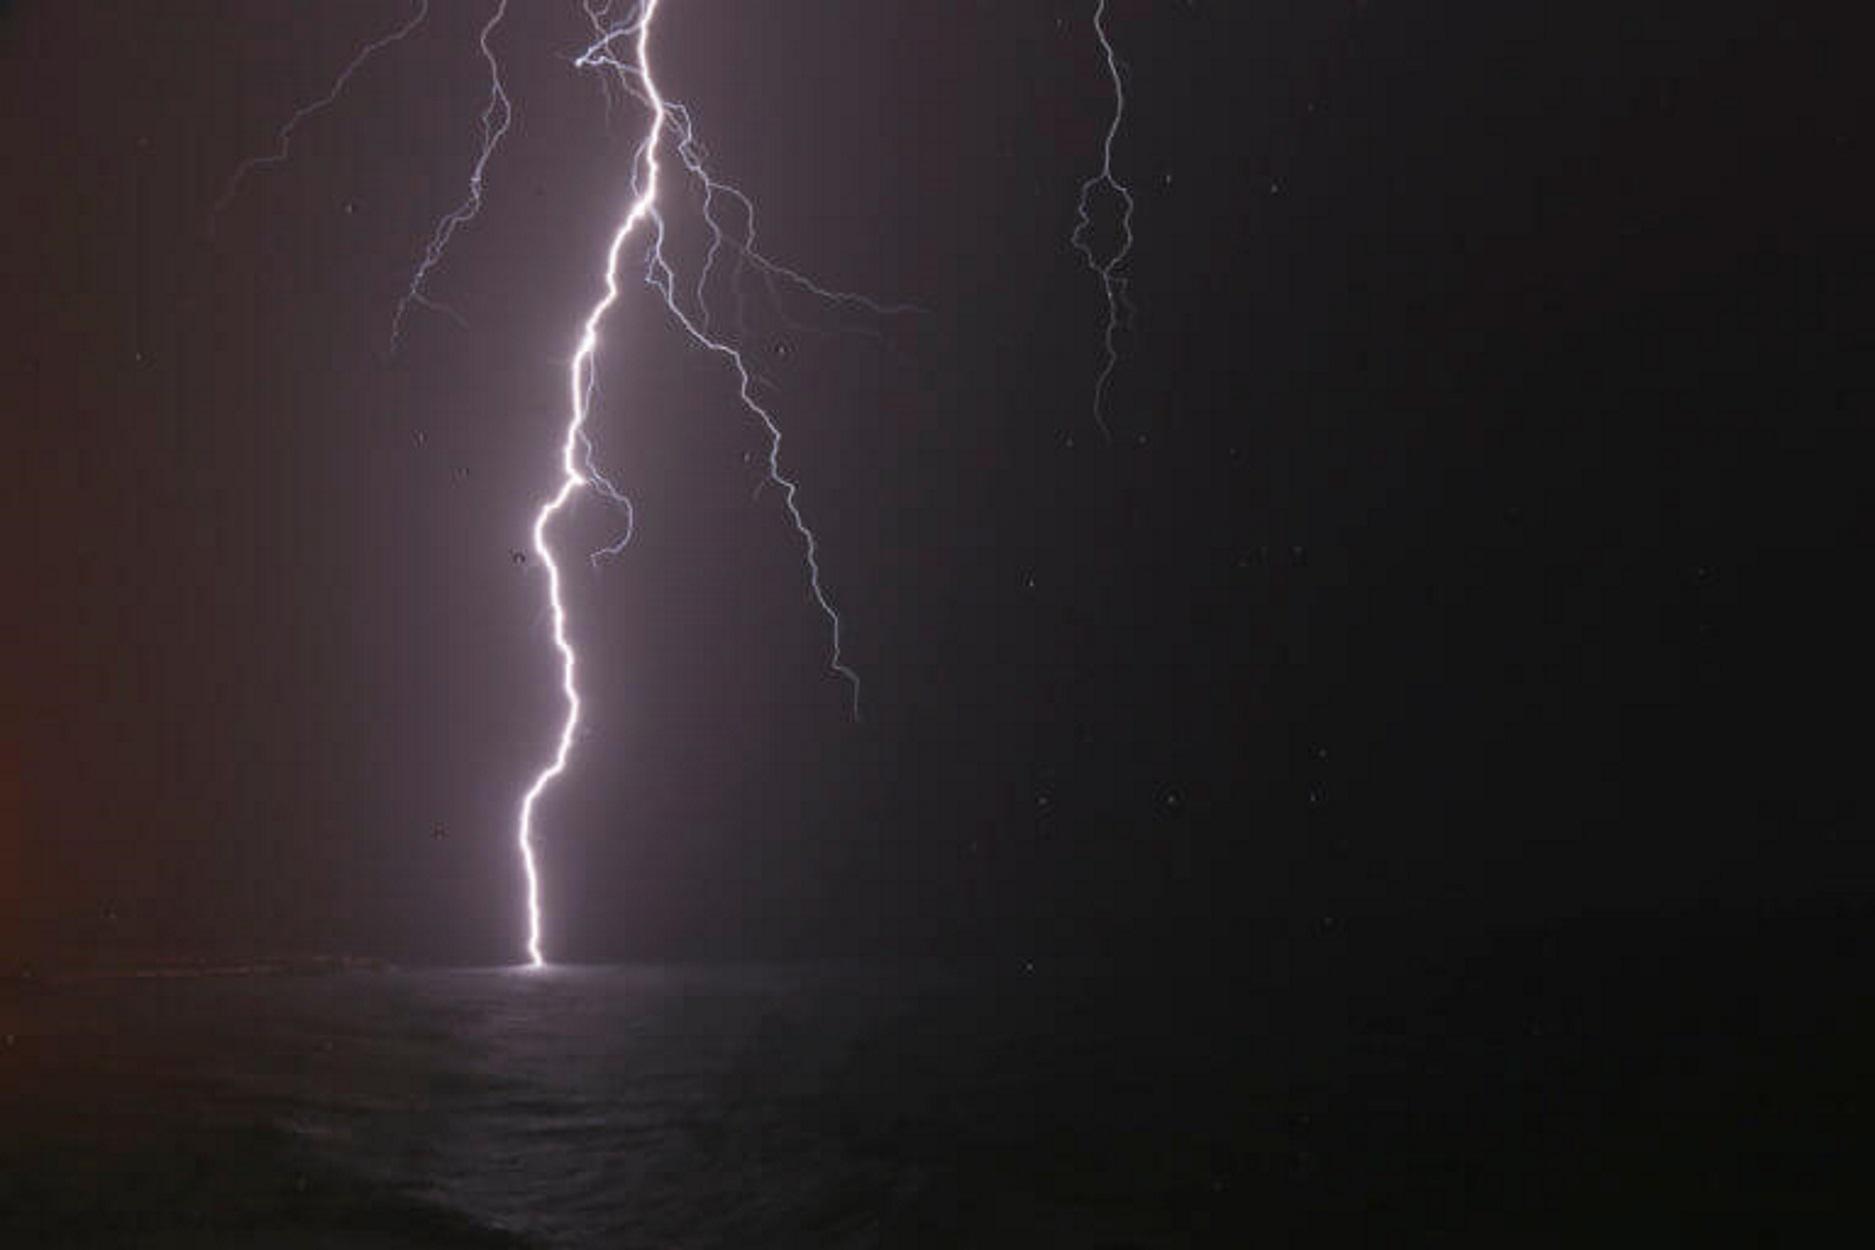 """Τα ρεκόρ του φοβερού και τρομερού """"Γηρυόνη"""": Χιλιάδες κεραυνοί, ωκεανοί βροχής και τρελοί άνεμοι χτύπησαν την Ελλάδα!"""